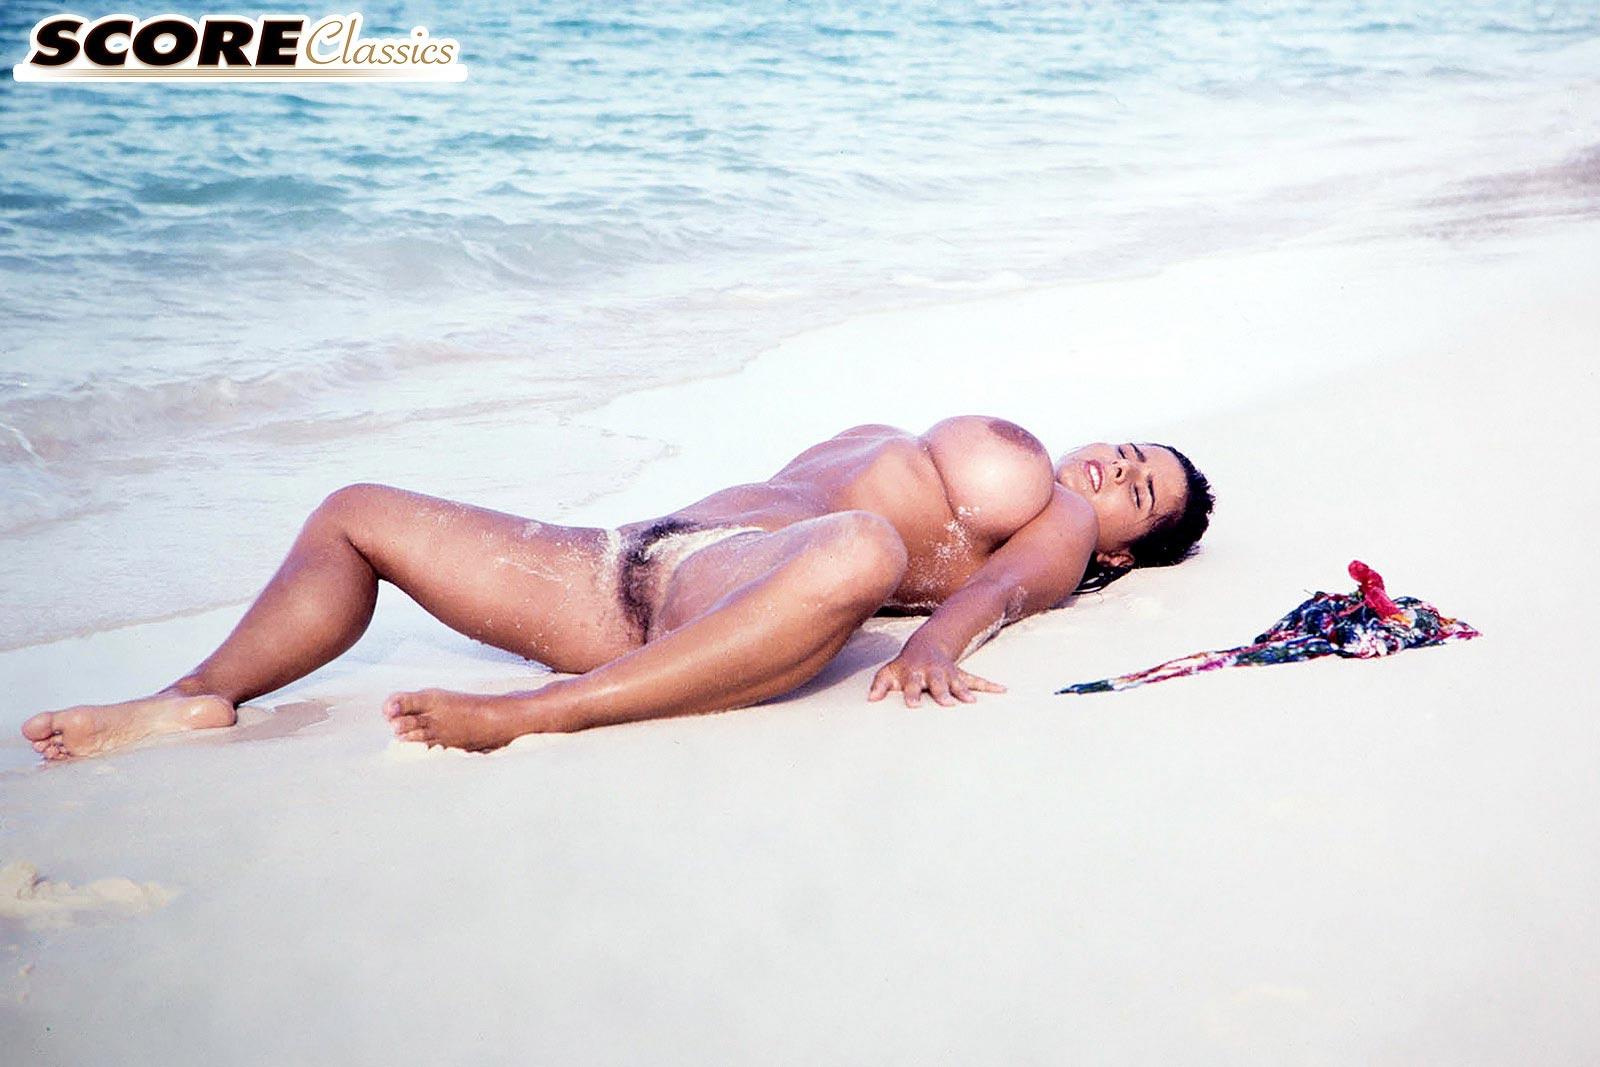 latino girls nude body pics